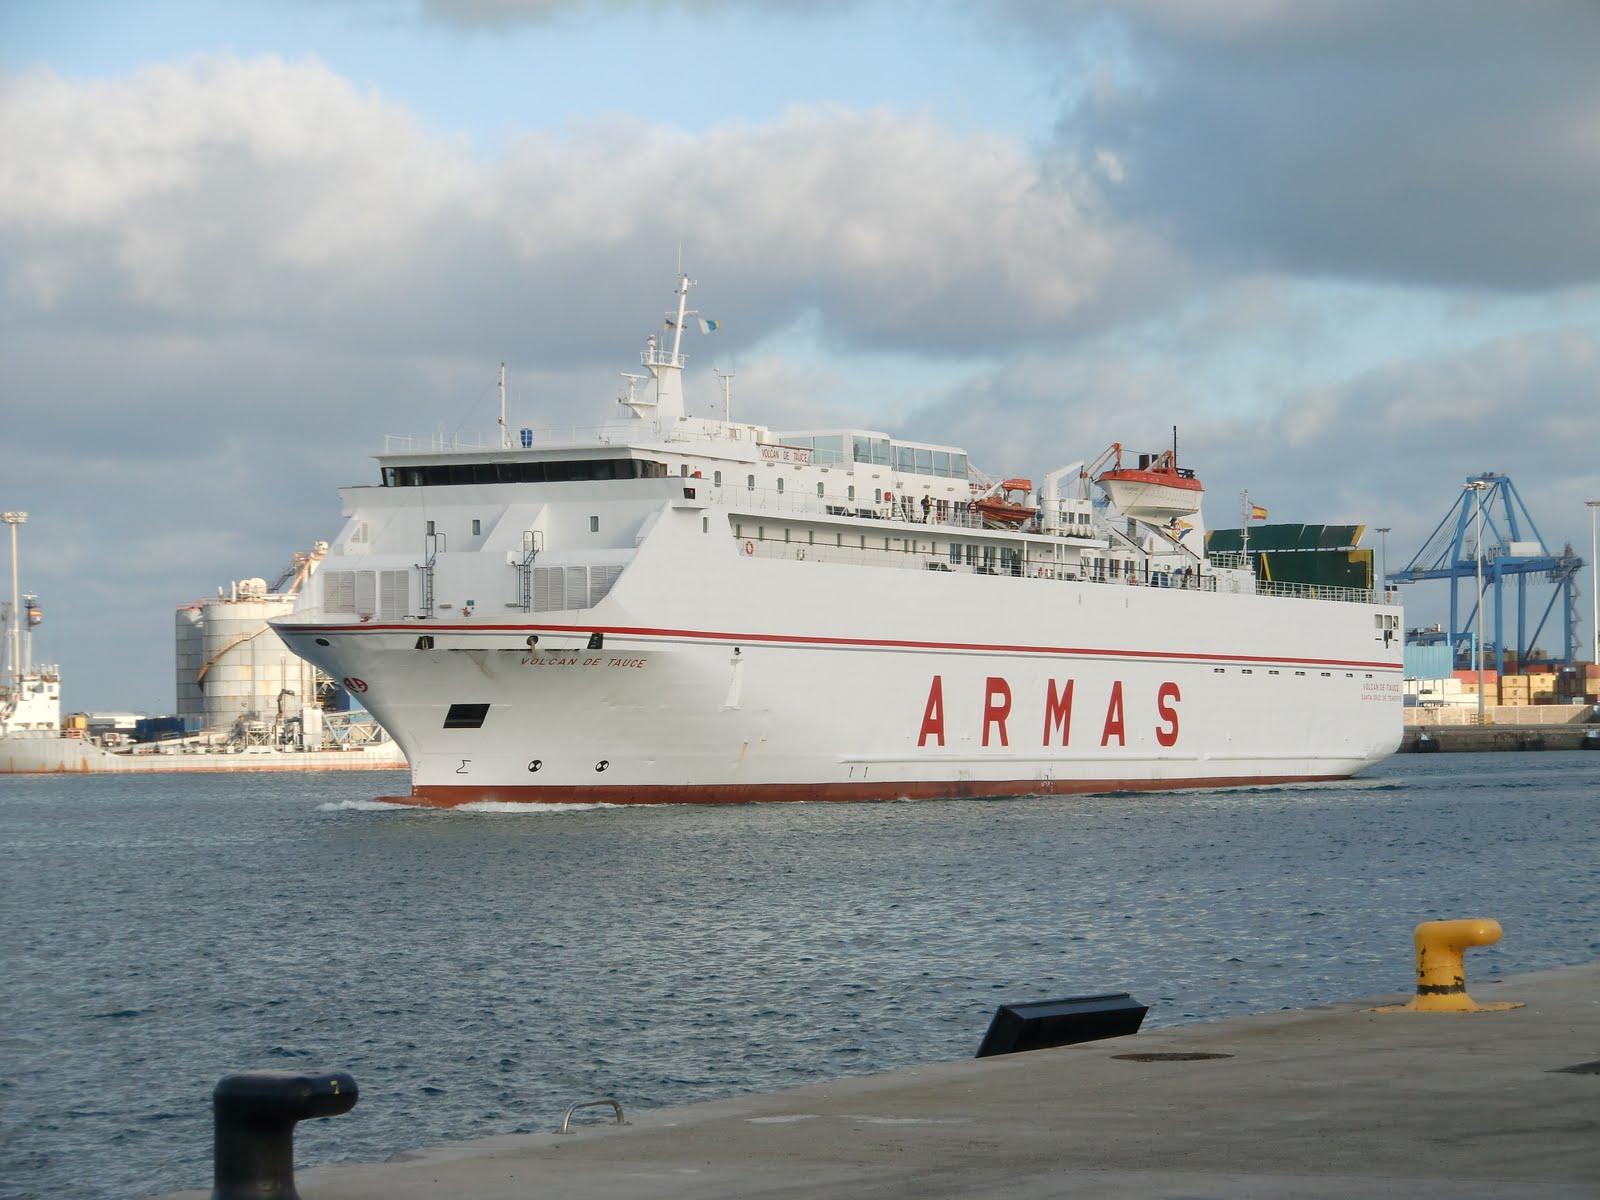 Islas canarias volcan de tauce naviera armas puerto de for Horario oficina naviera armas las palmas